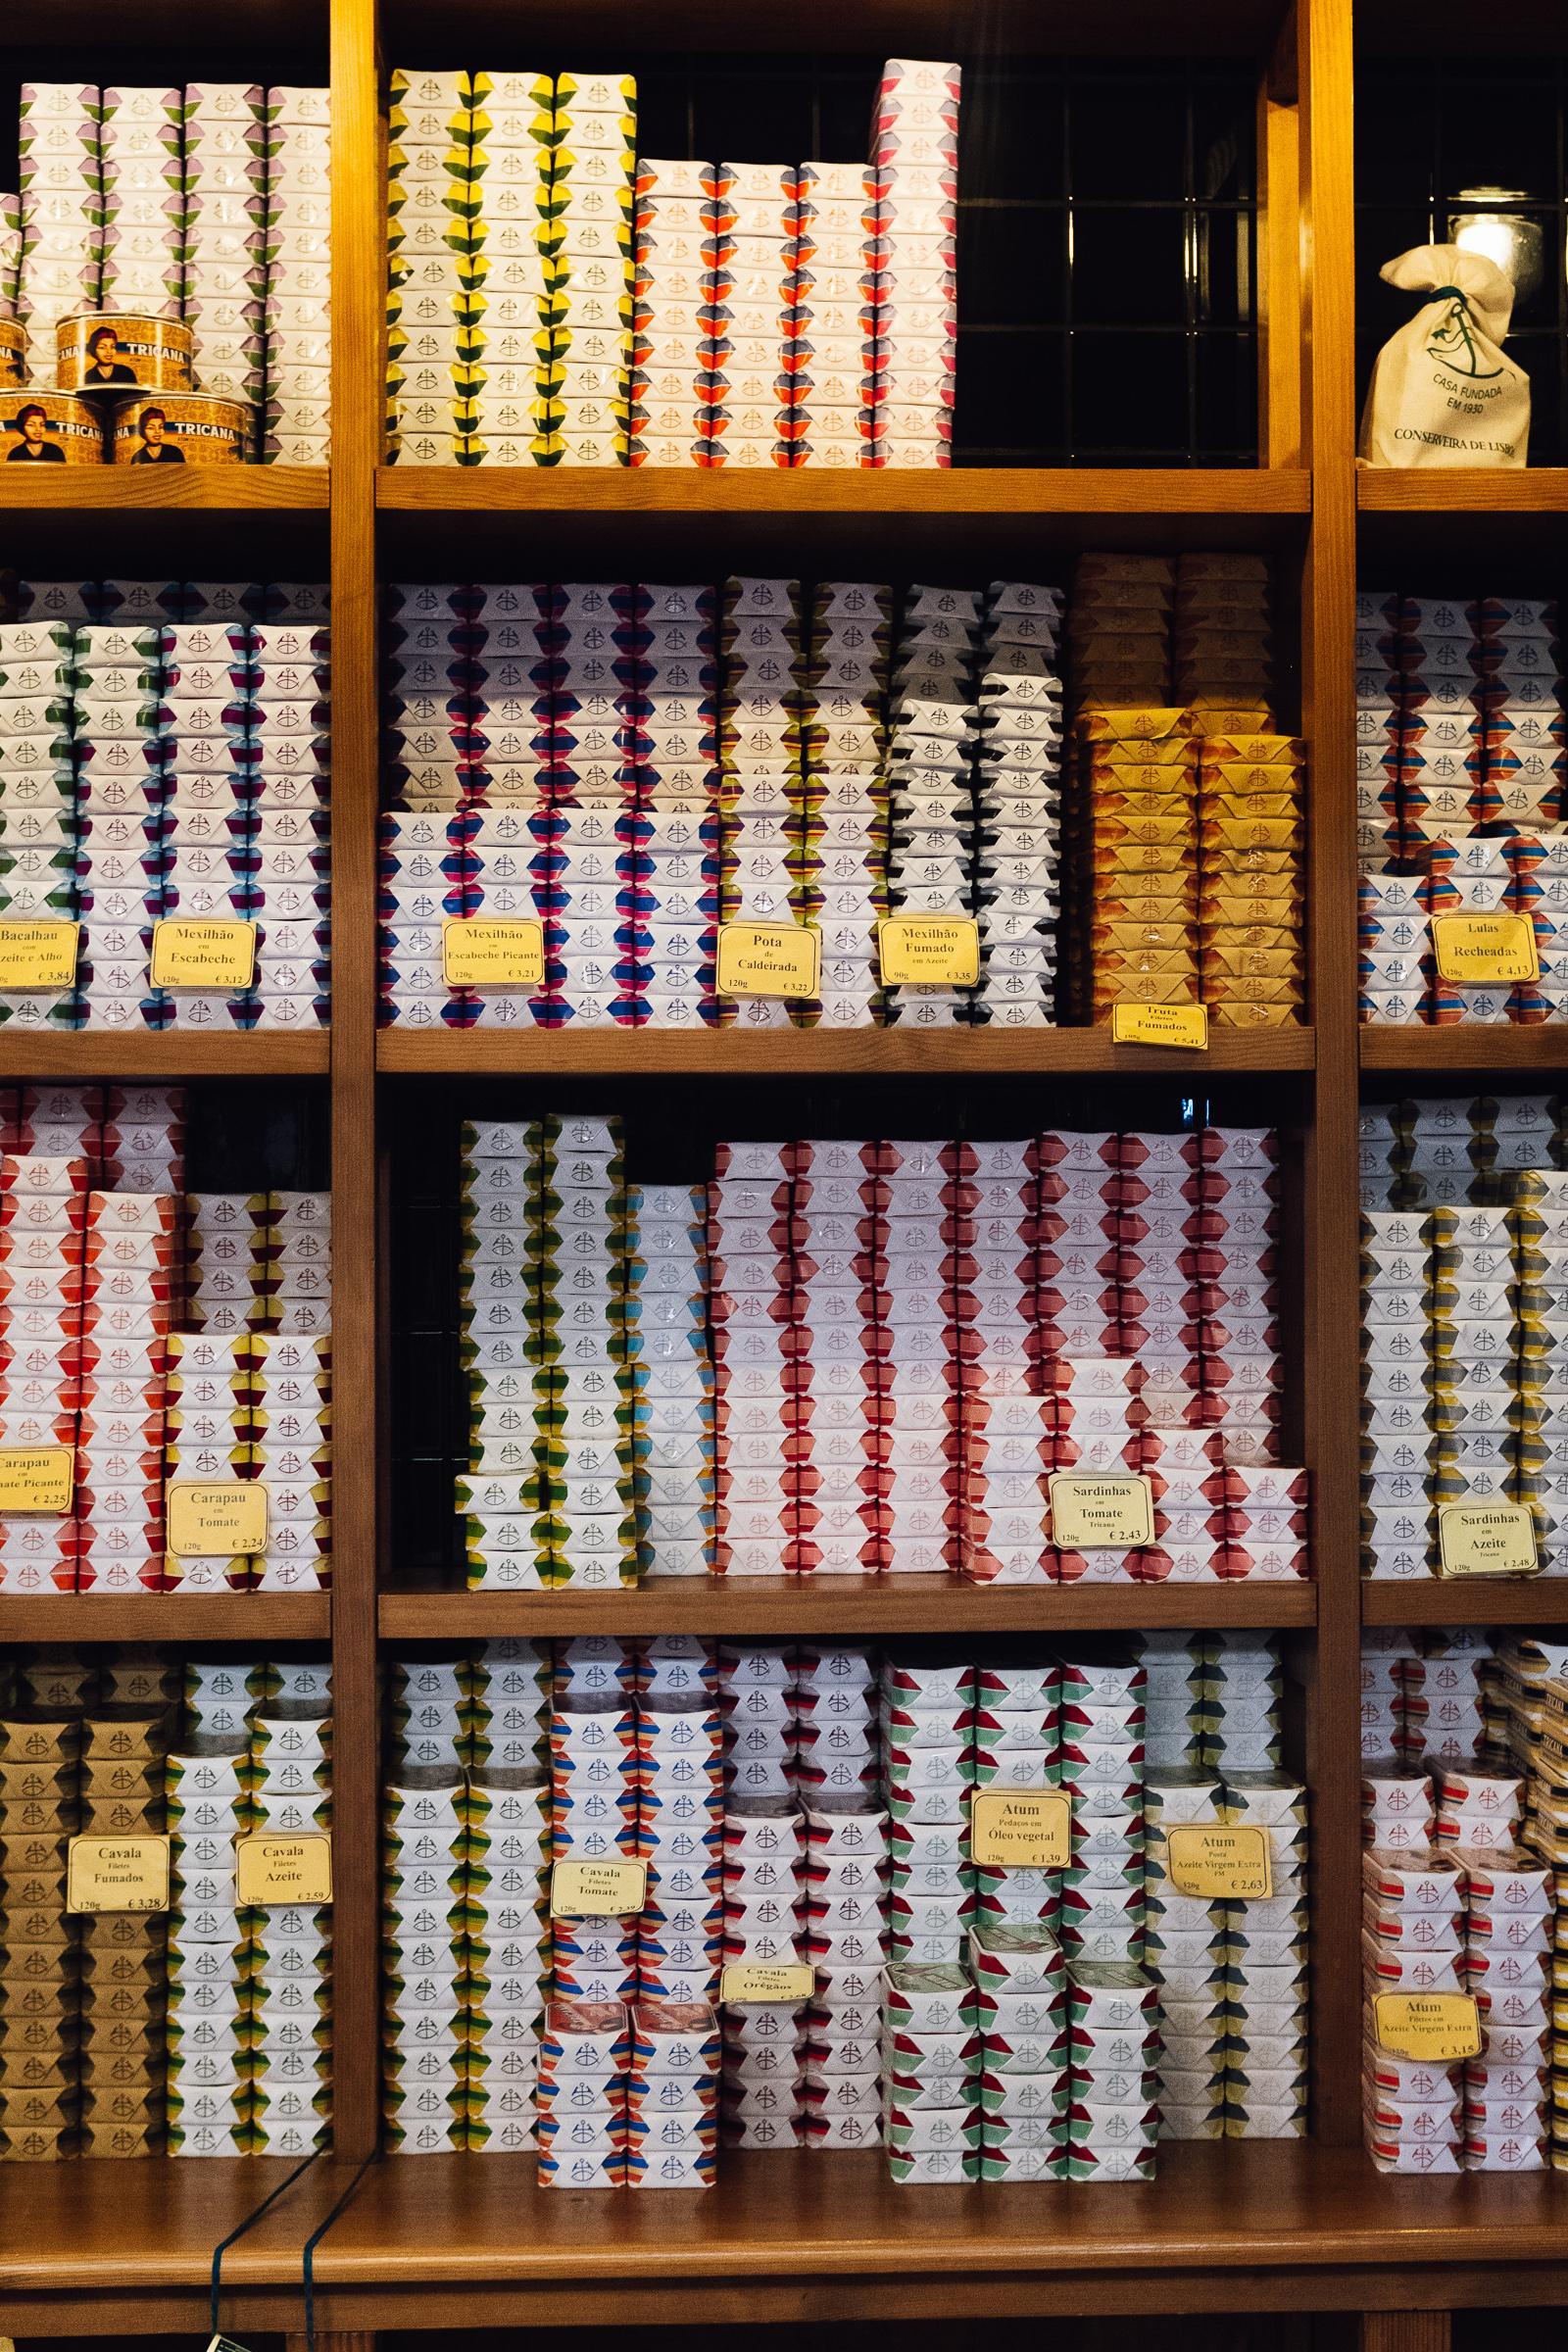 tricana-conserveira-de-lisboa-sardines-7161.jpg